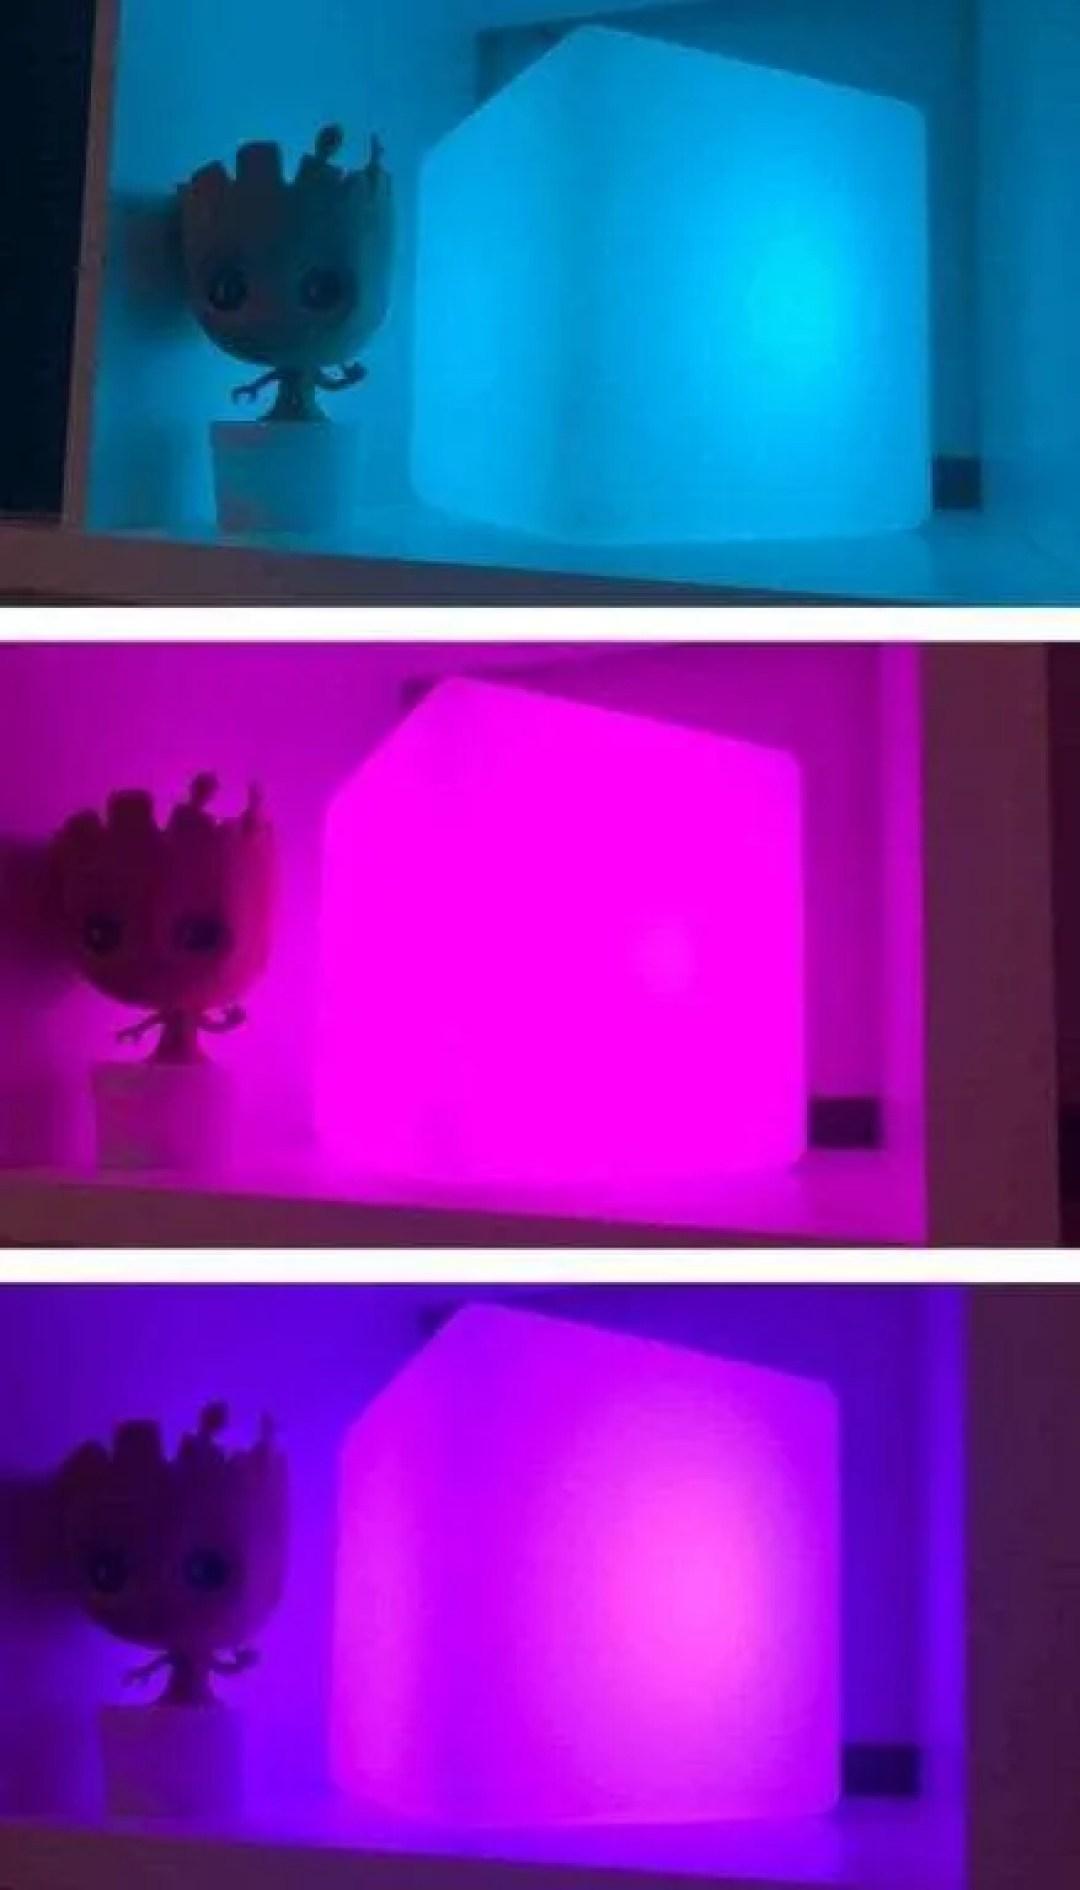 LOFTEK 8-inch LED Cube Light REVIEW